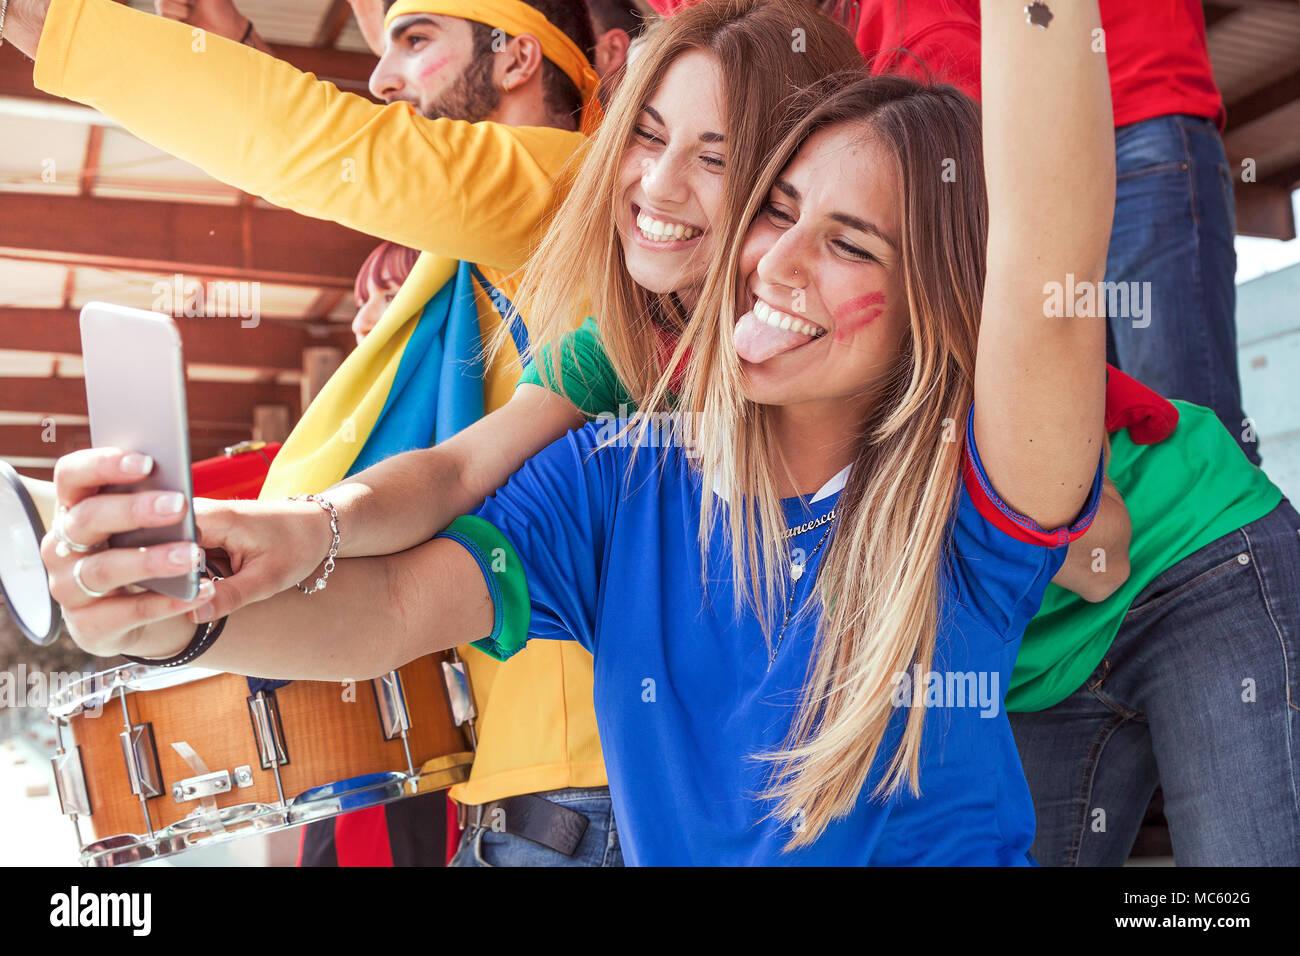 Due felice bella ragazza bionda prende un selfie nelle gabbie di uno stadio  durante un evento 83dc48f14b9